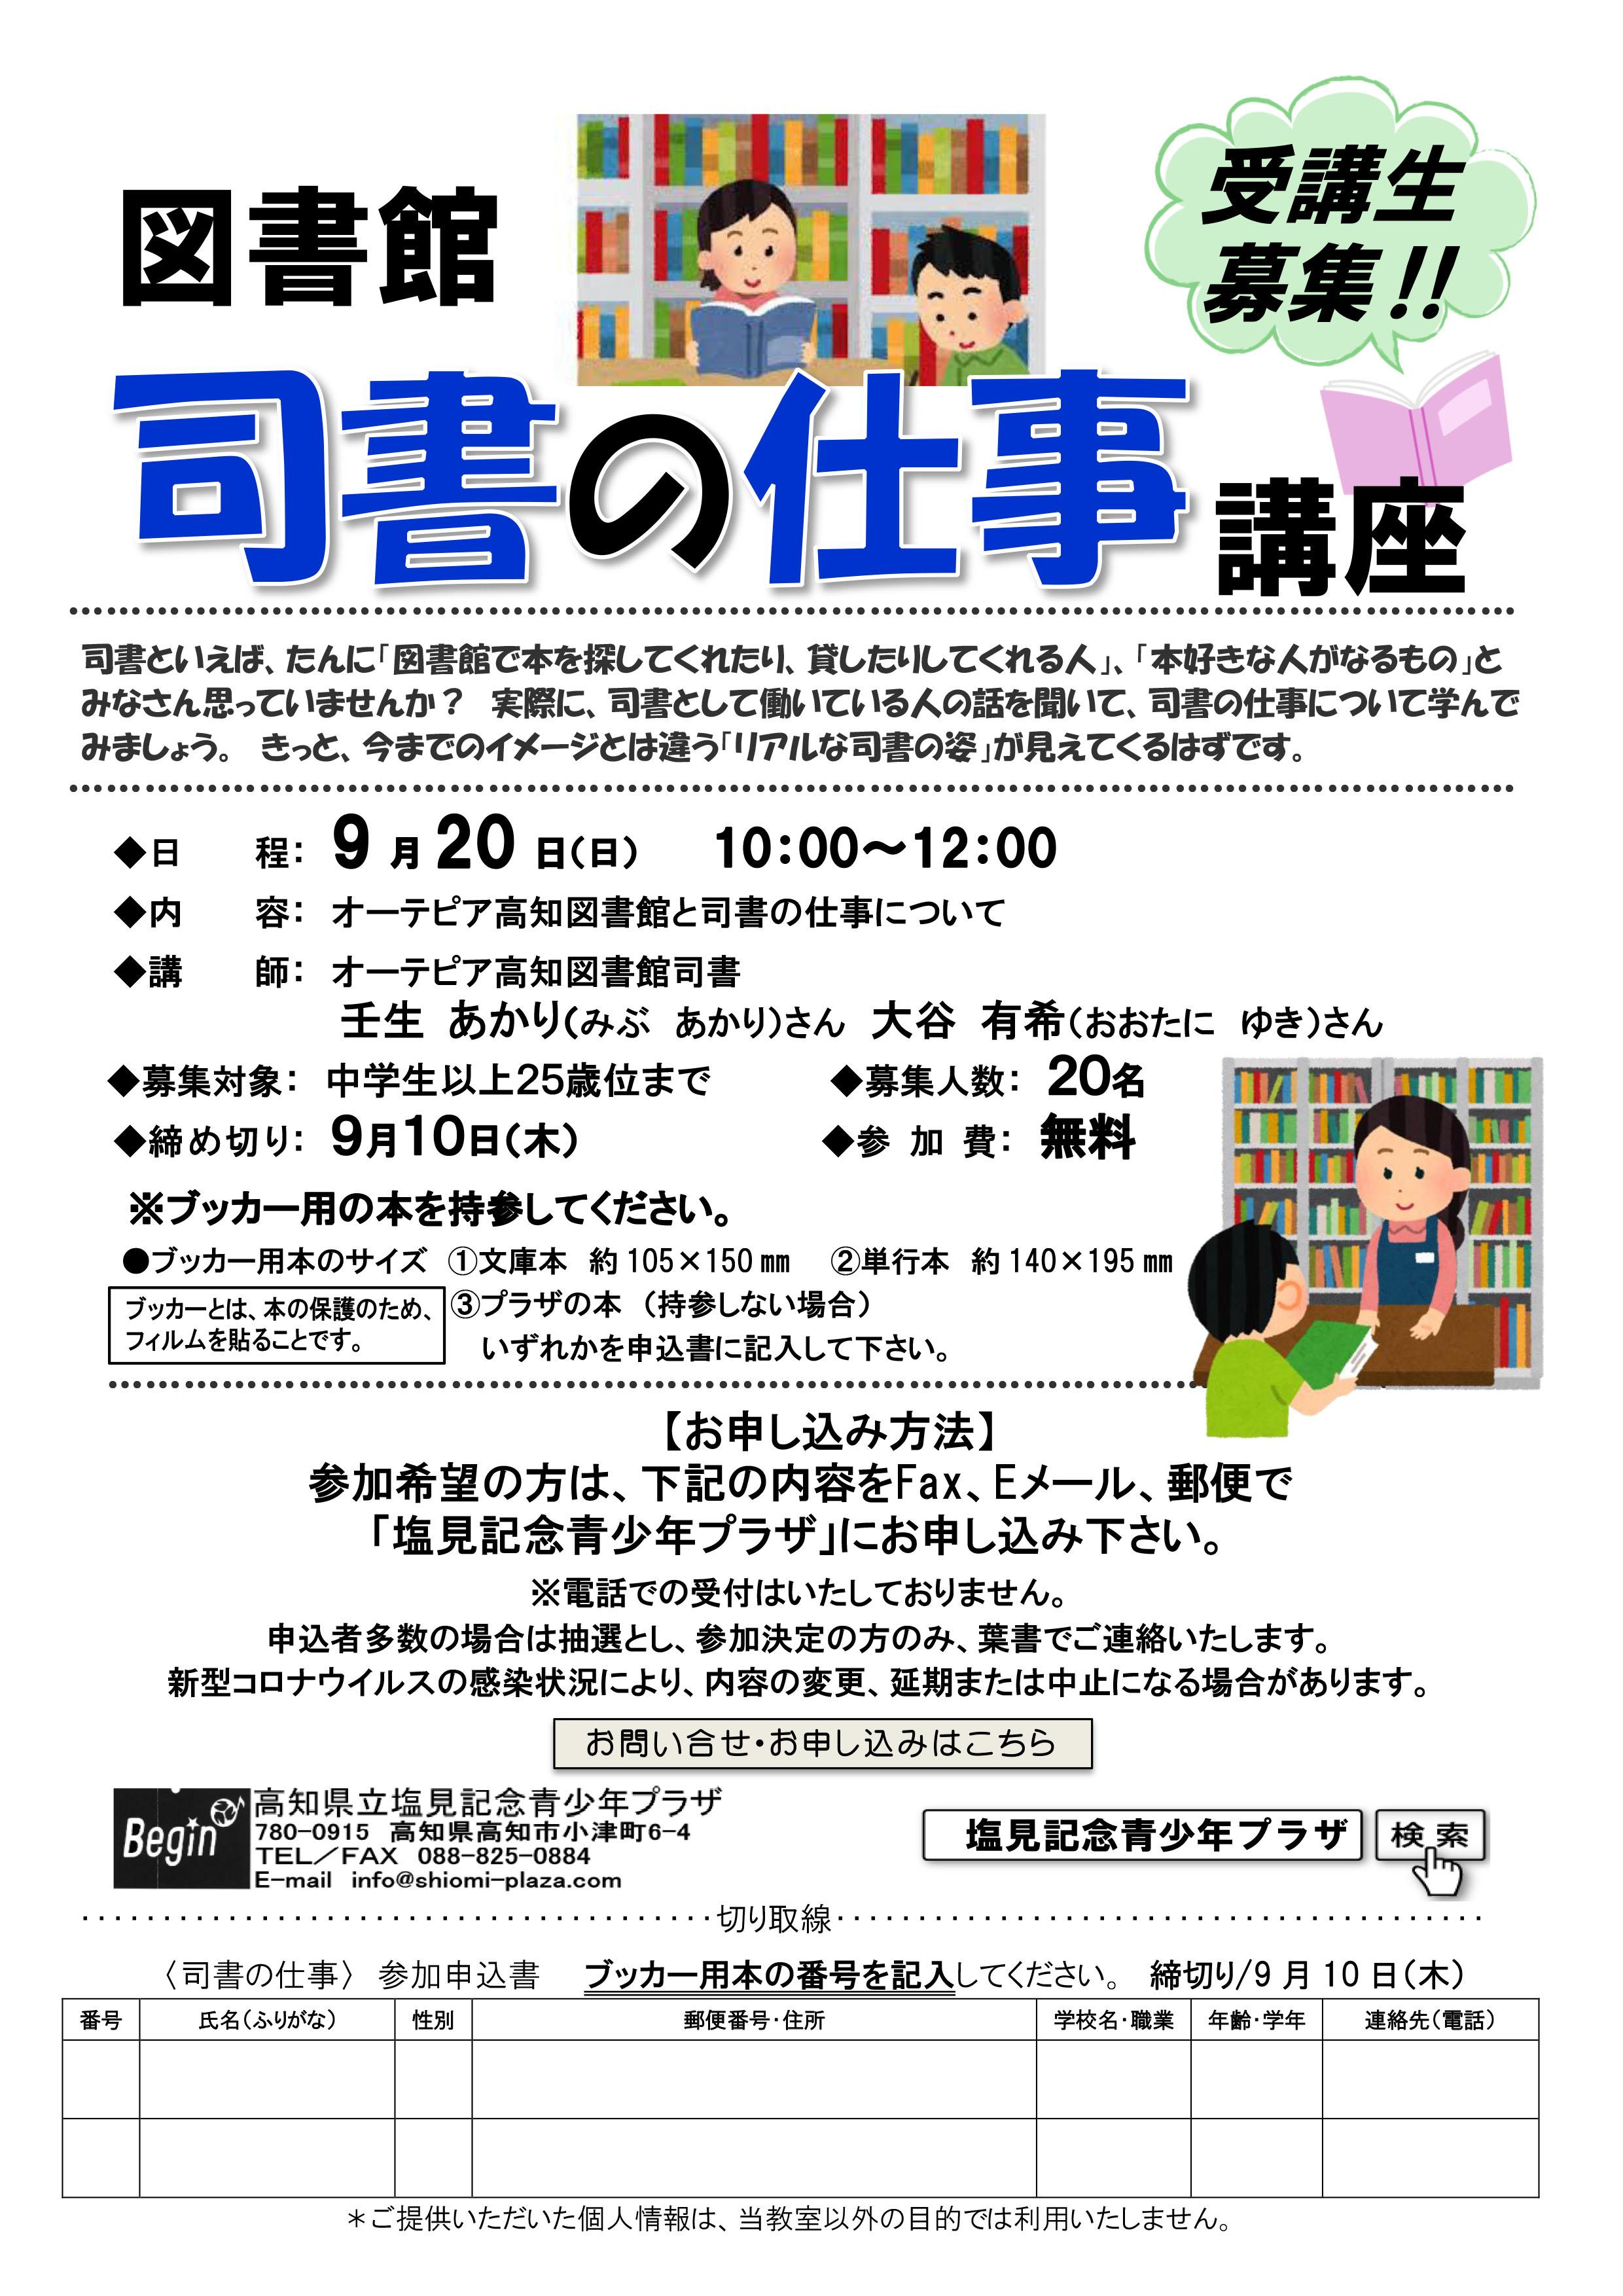 2020.09.20.shisyo.jpg